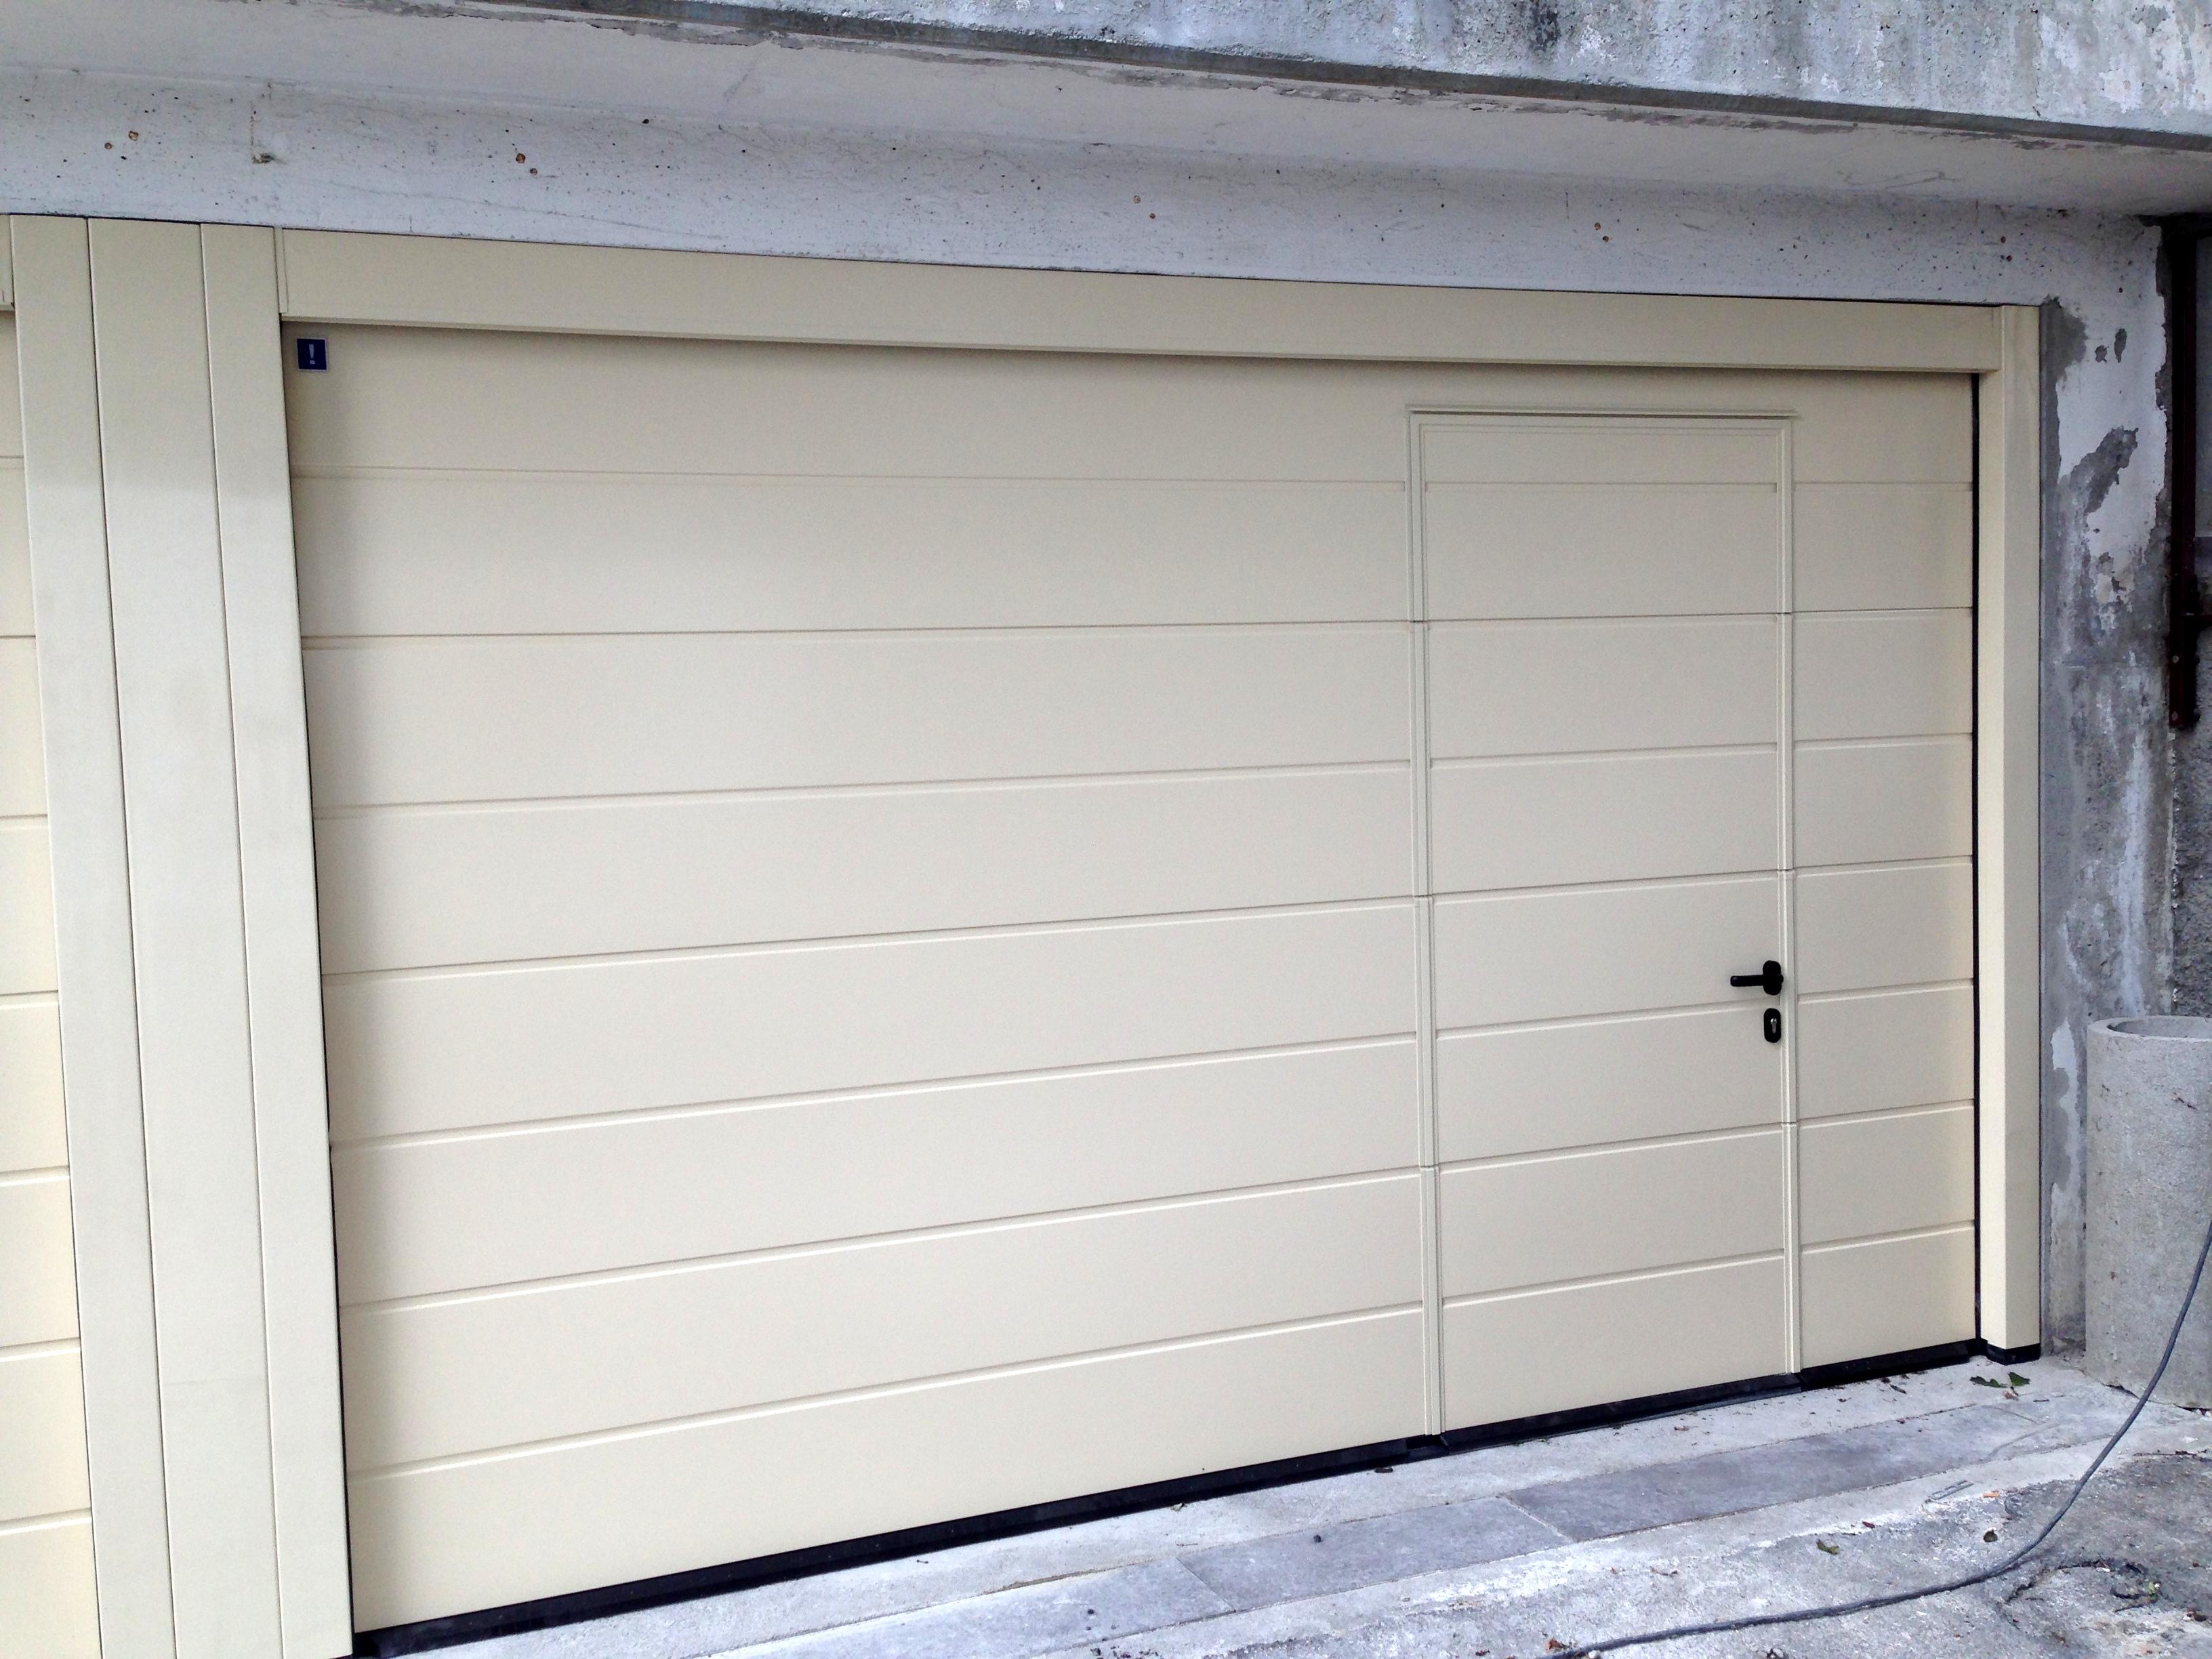 Garagentor mit integrierter tür  HÖRMANN LPU 40 mit integrierter Schlupftür » Harrasser Gmbh Bruneck